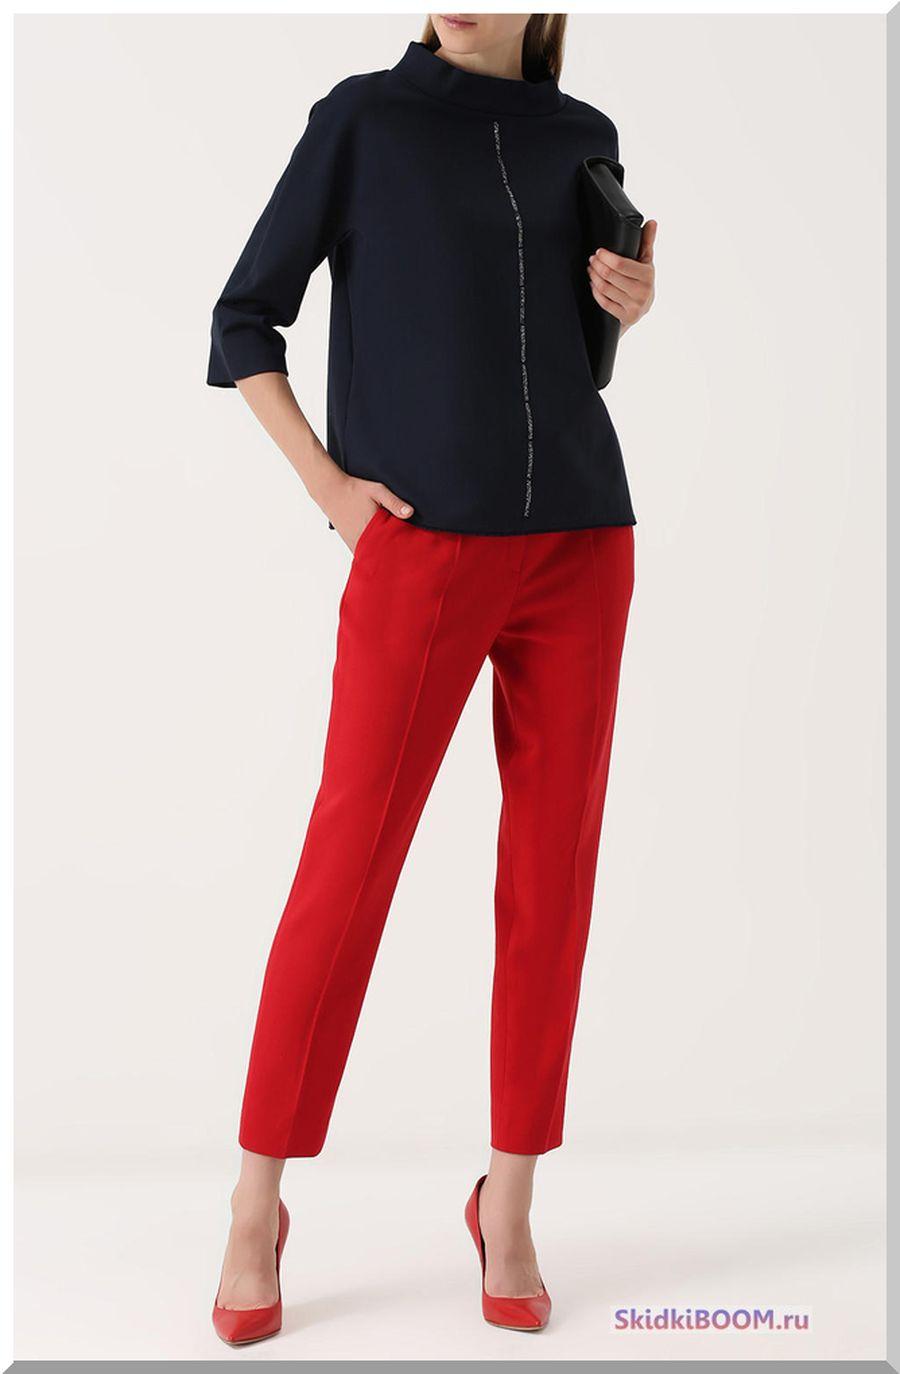 Какие женские брюки в моде - прямого кроя со стрелками